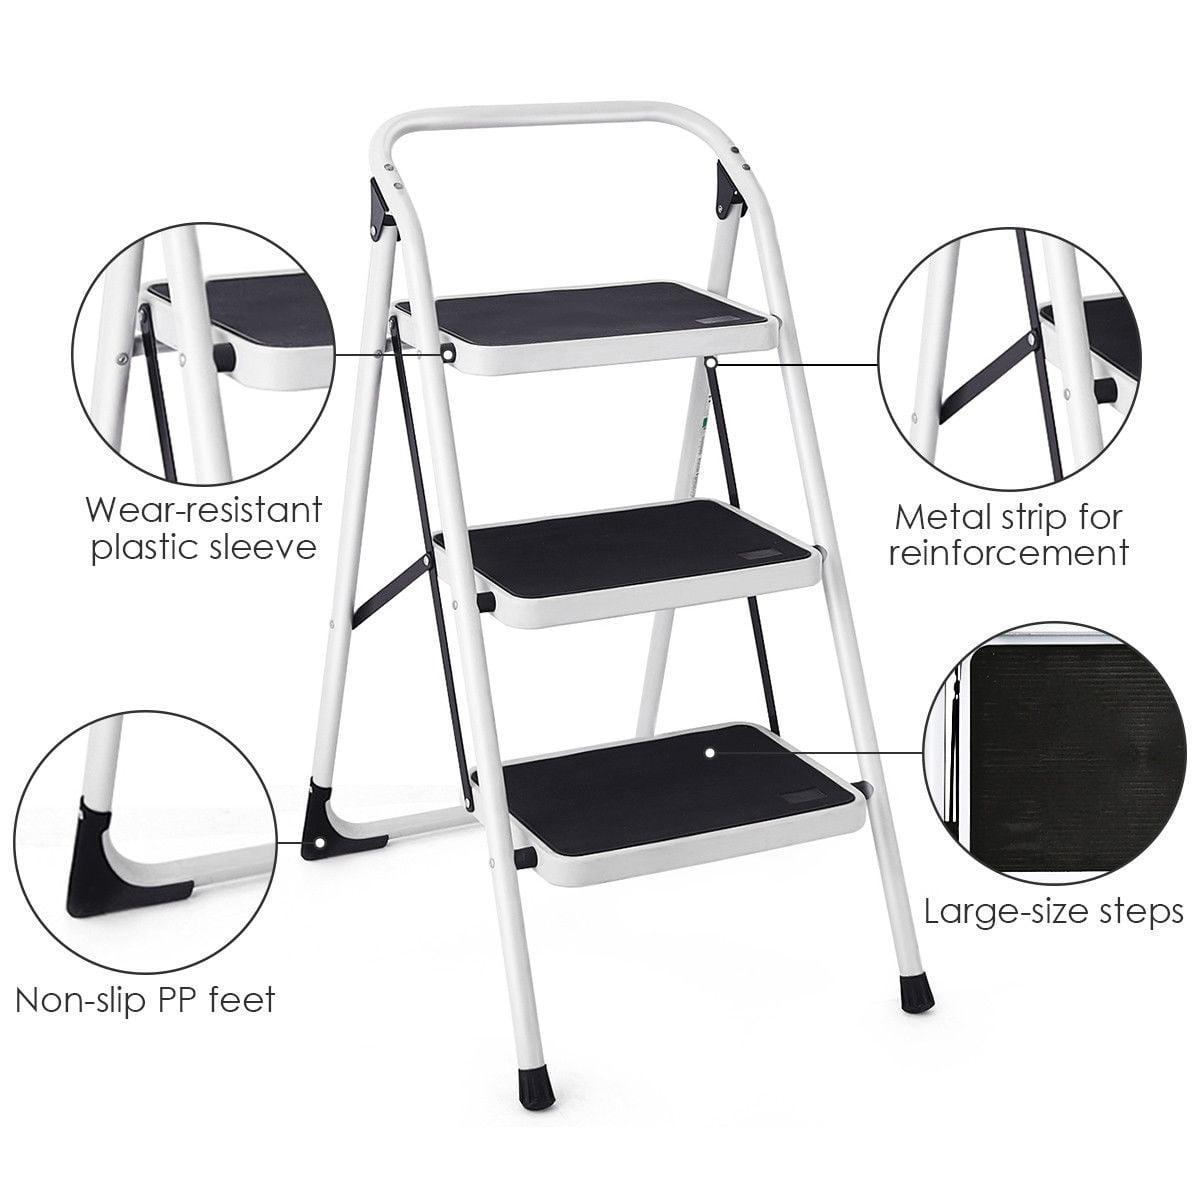 c4d5b3e247a8e 3 Step Lightweight Ladder HD Platform Foldable Stool 330 LB Cap ...